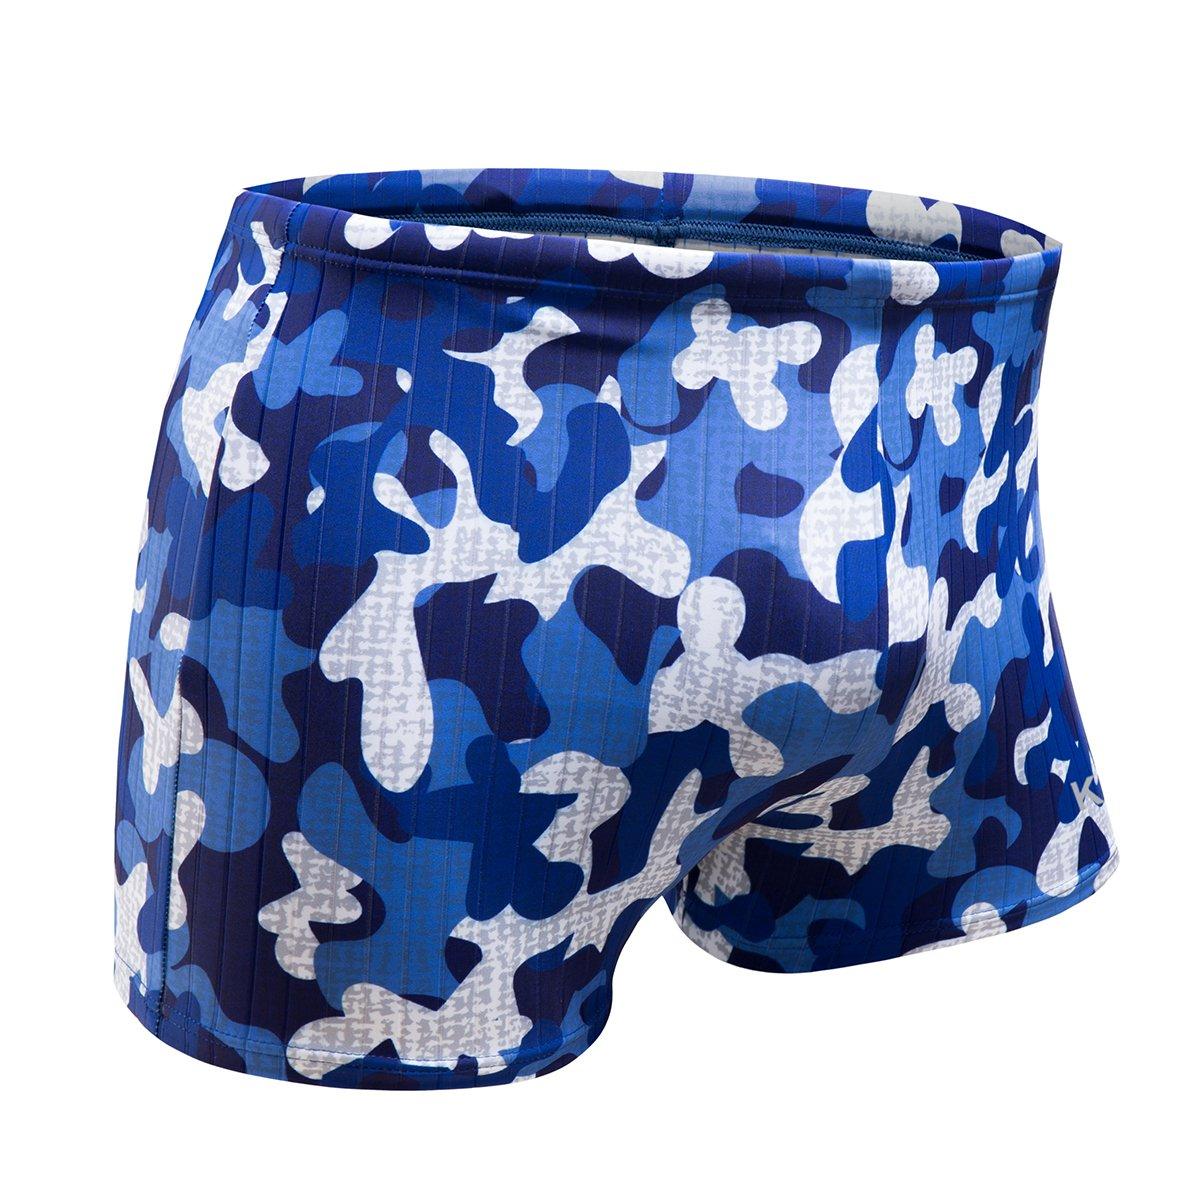 KGKE Swim Boxer Briefs Short Swim Jammer by Camo Racer Mens Square Leg Swimsuit